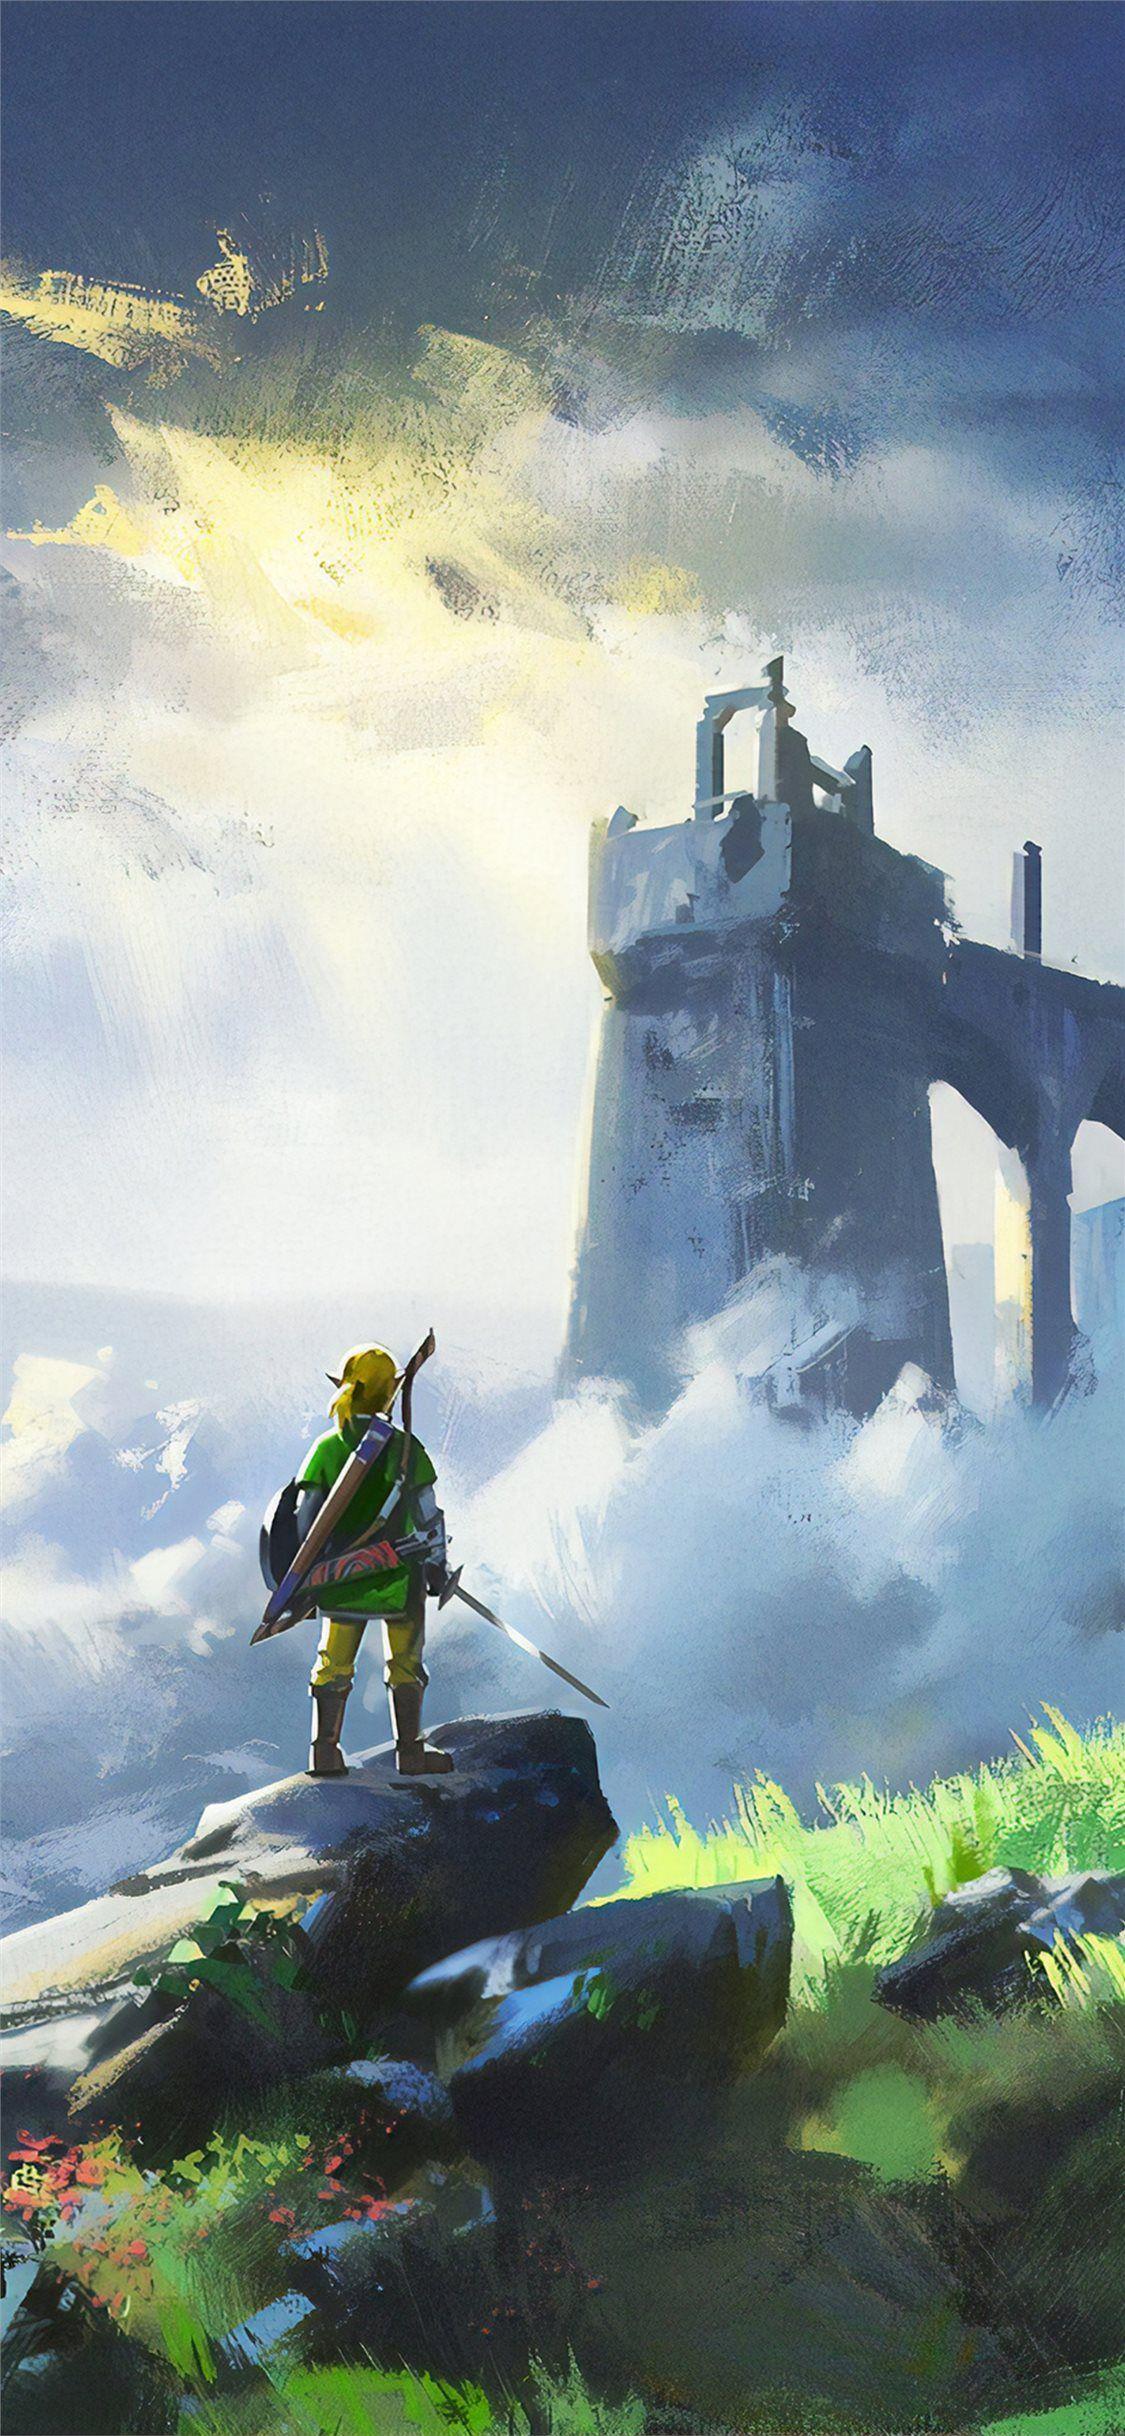 The Legend Of Zelda Breath Of Wild Game 4k Thelegendofzelda Games 2019games 4k Artstation Iph In 2020 Zelda Breath Of Wild Legend Of Zelda Breath Bape Wallpapers